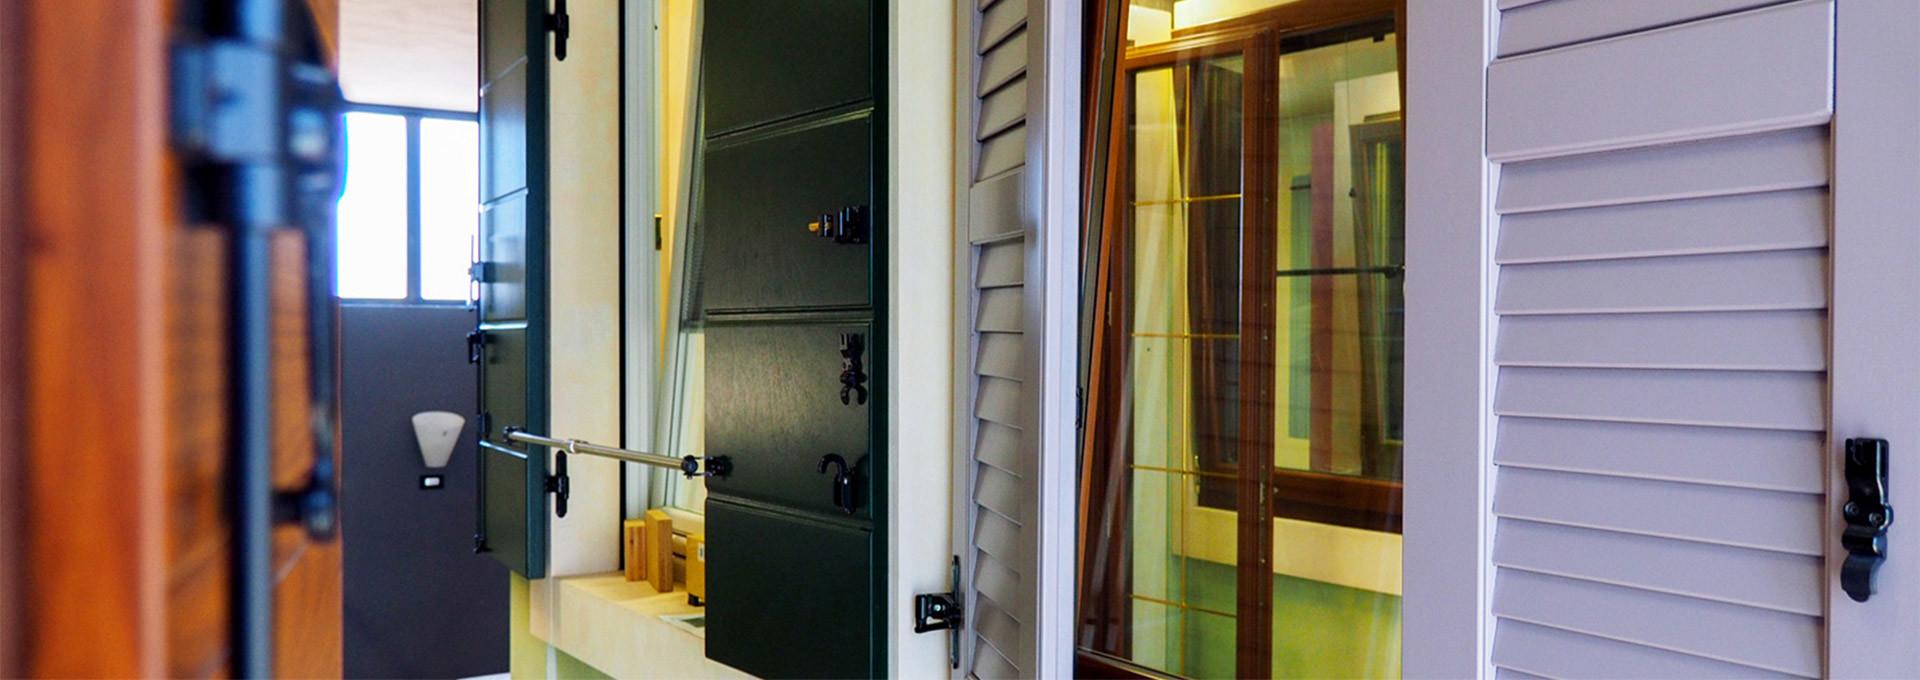 Infissi pvc verona finestre pvc e serramenti in pvc - Finestre in pvc o alluminio ...